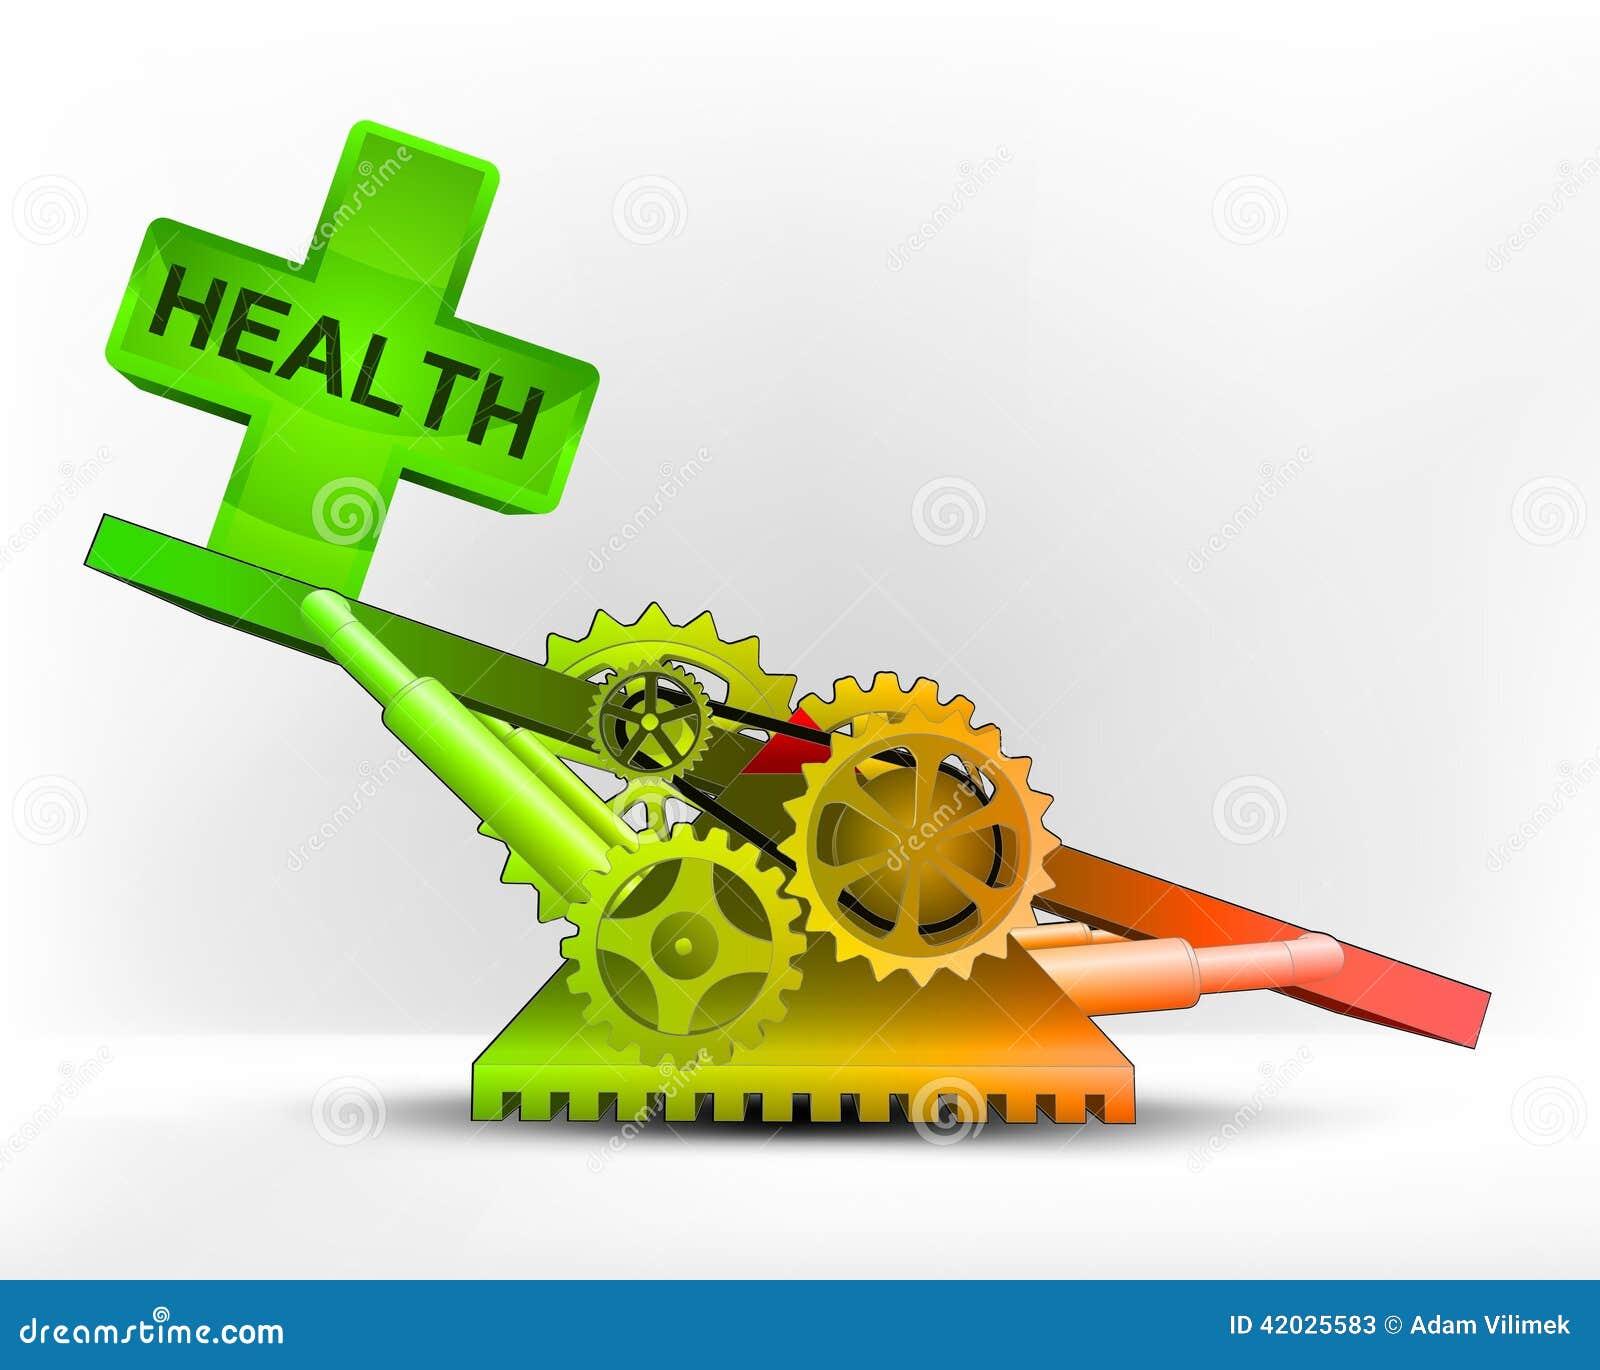 Ícone da saúde na área verde no vetor do conceito da máquina do balanço